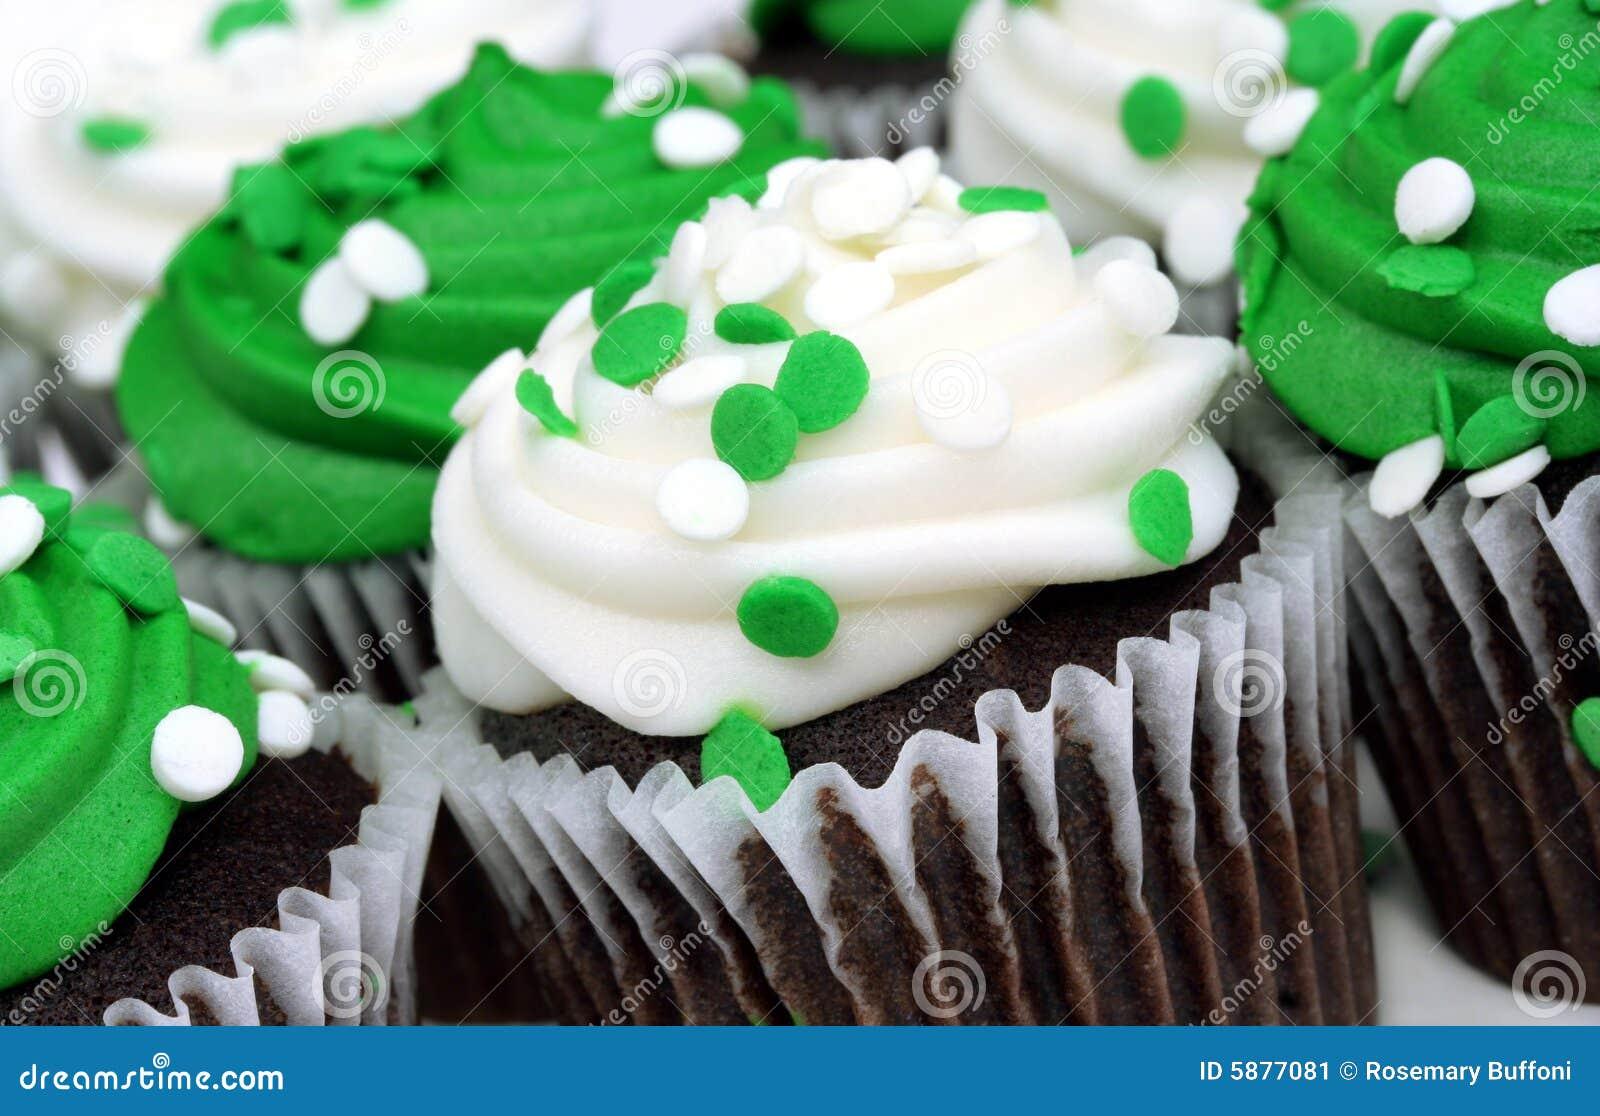 Gâteaux blancs et verts